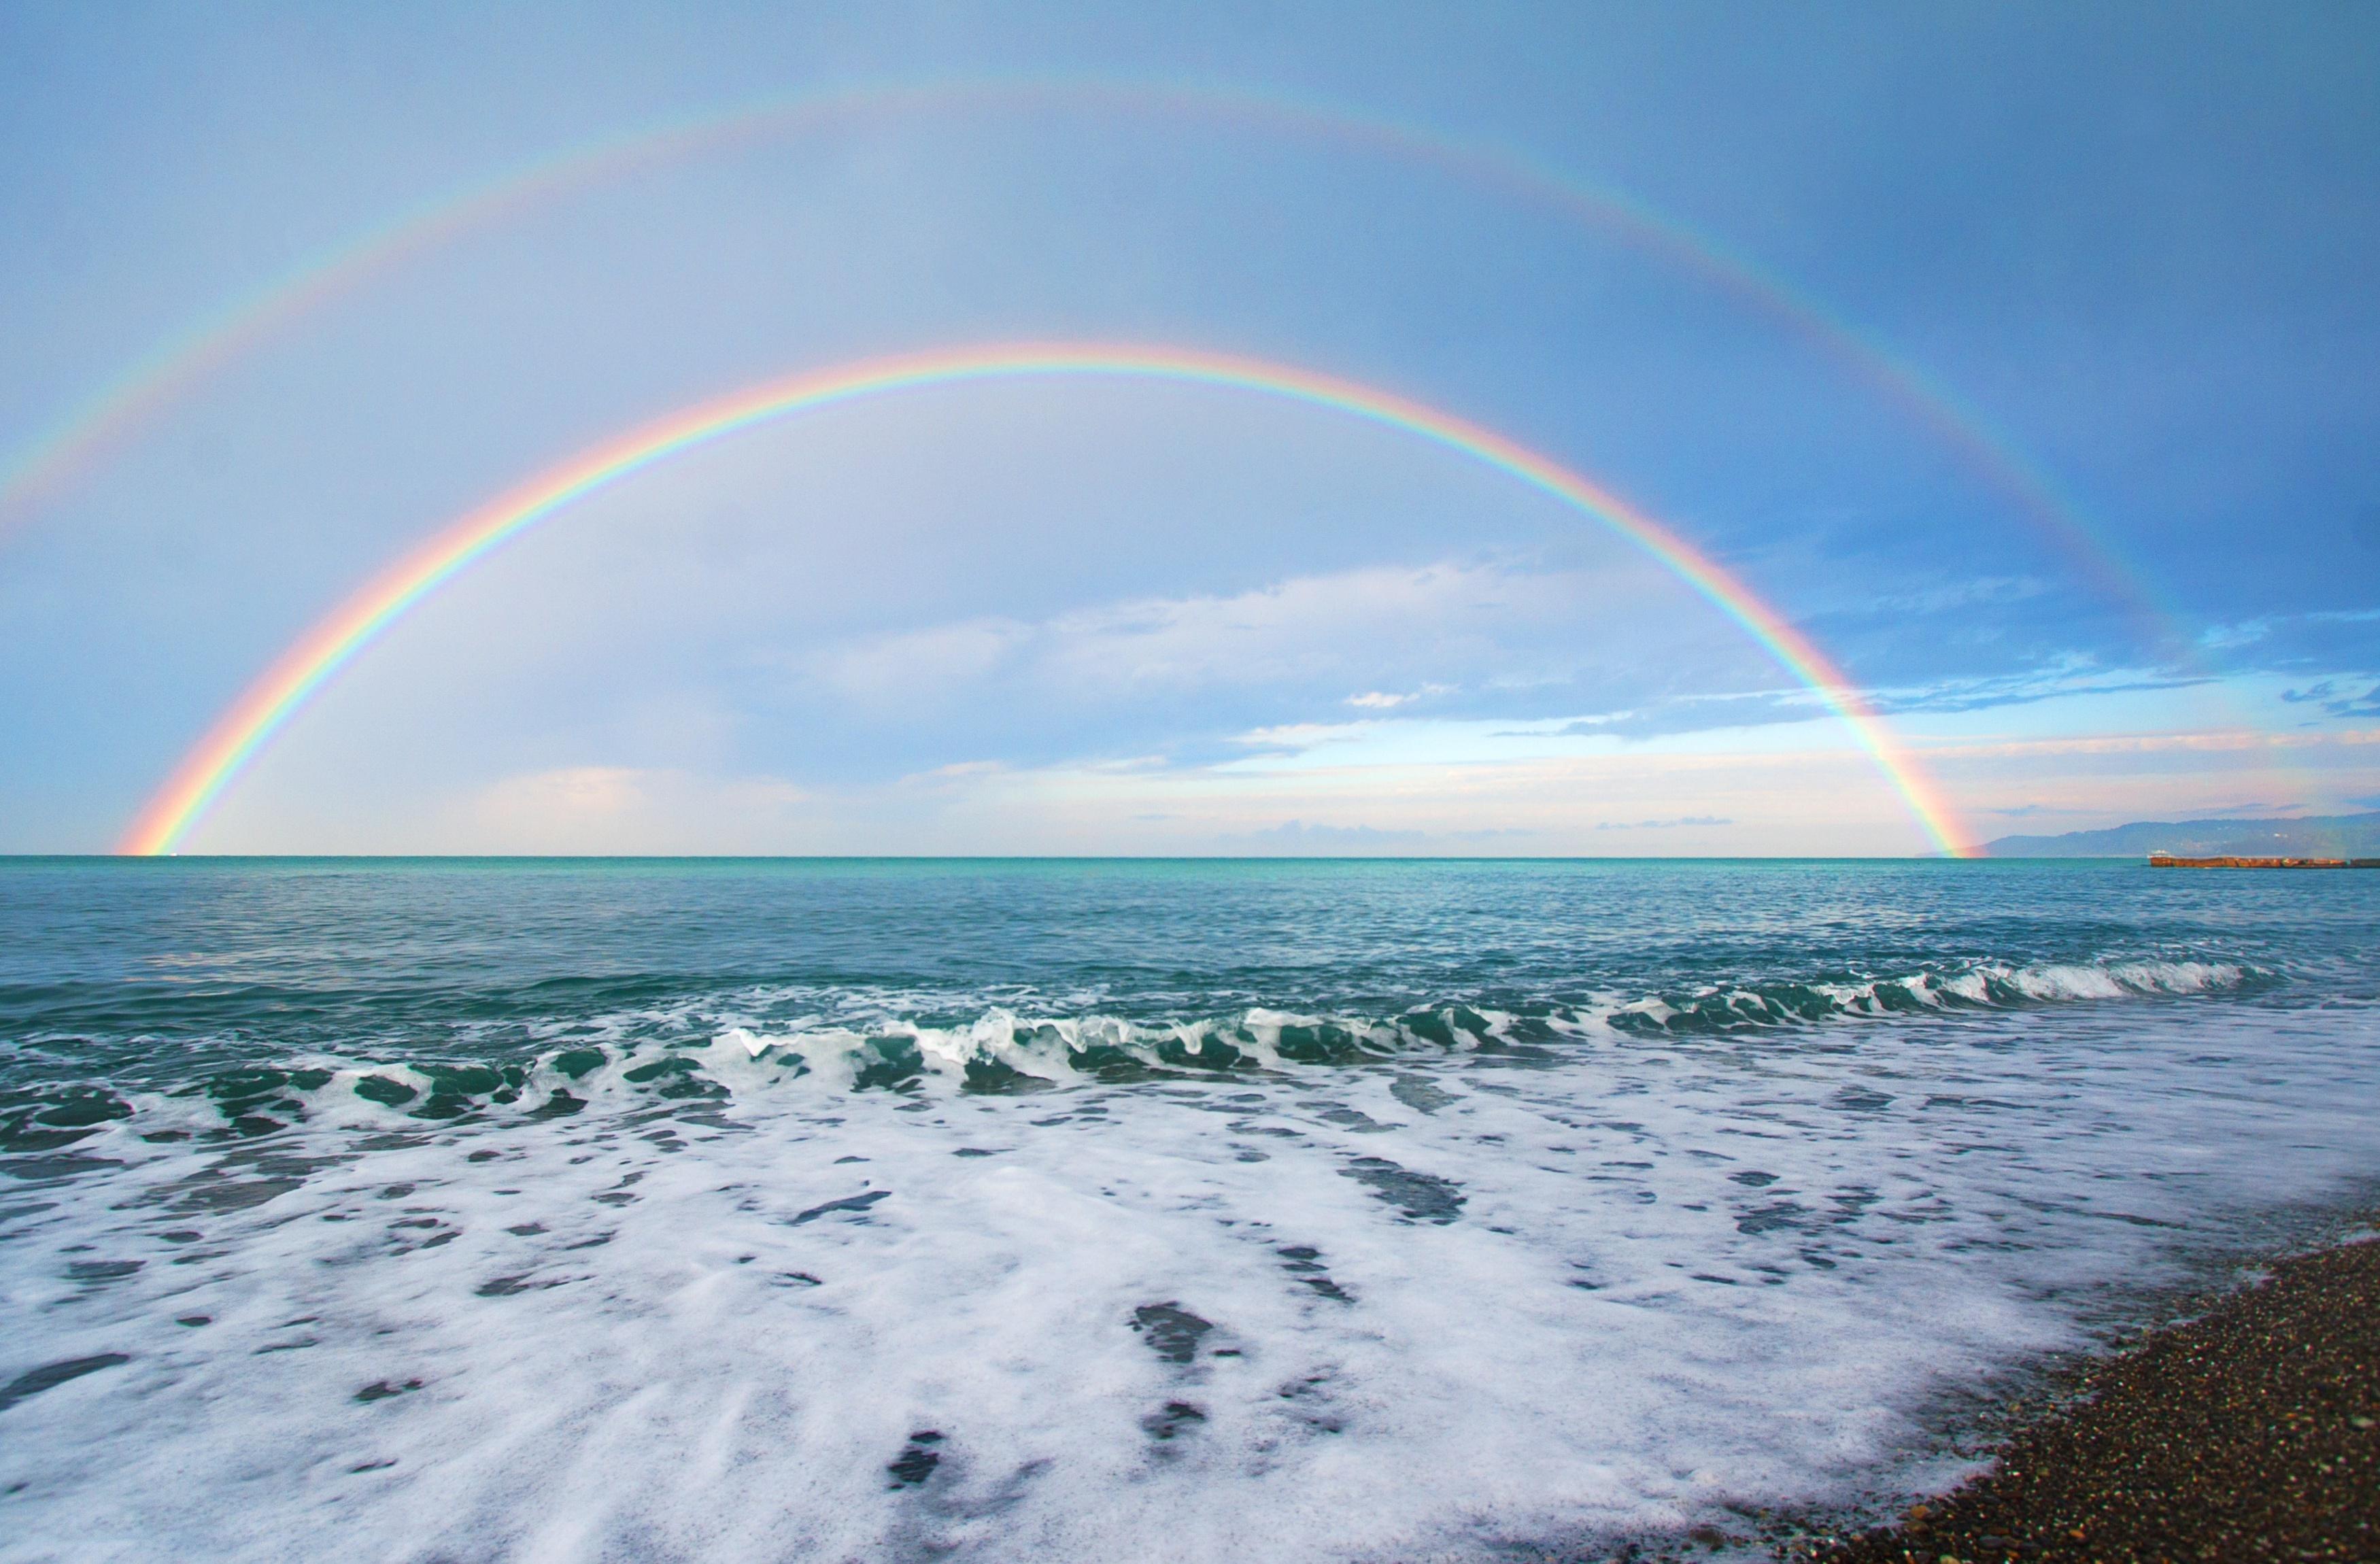 3500x2300、海岸、海、空、虹、地平線、自然、